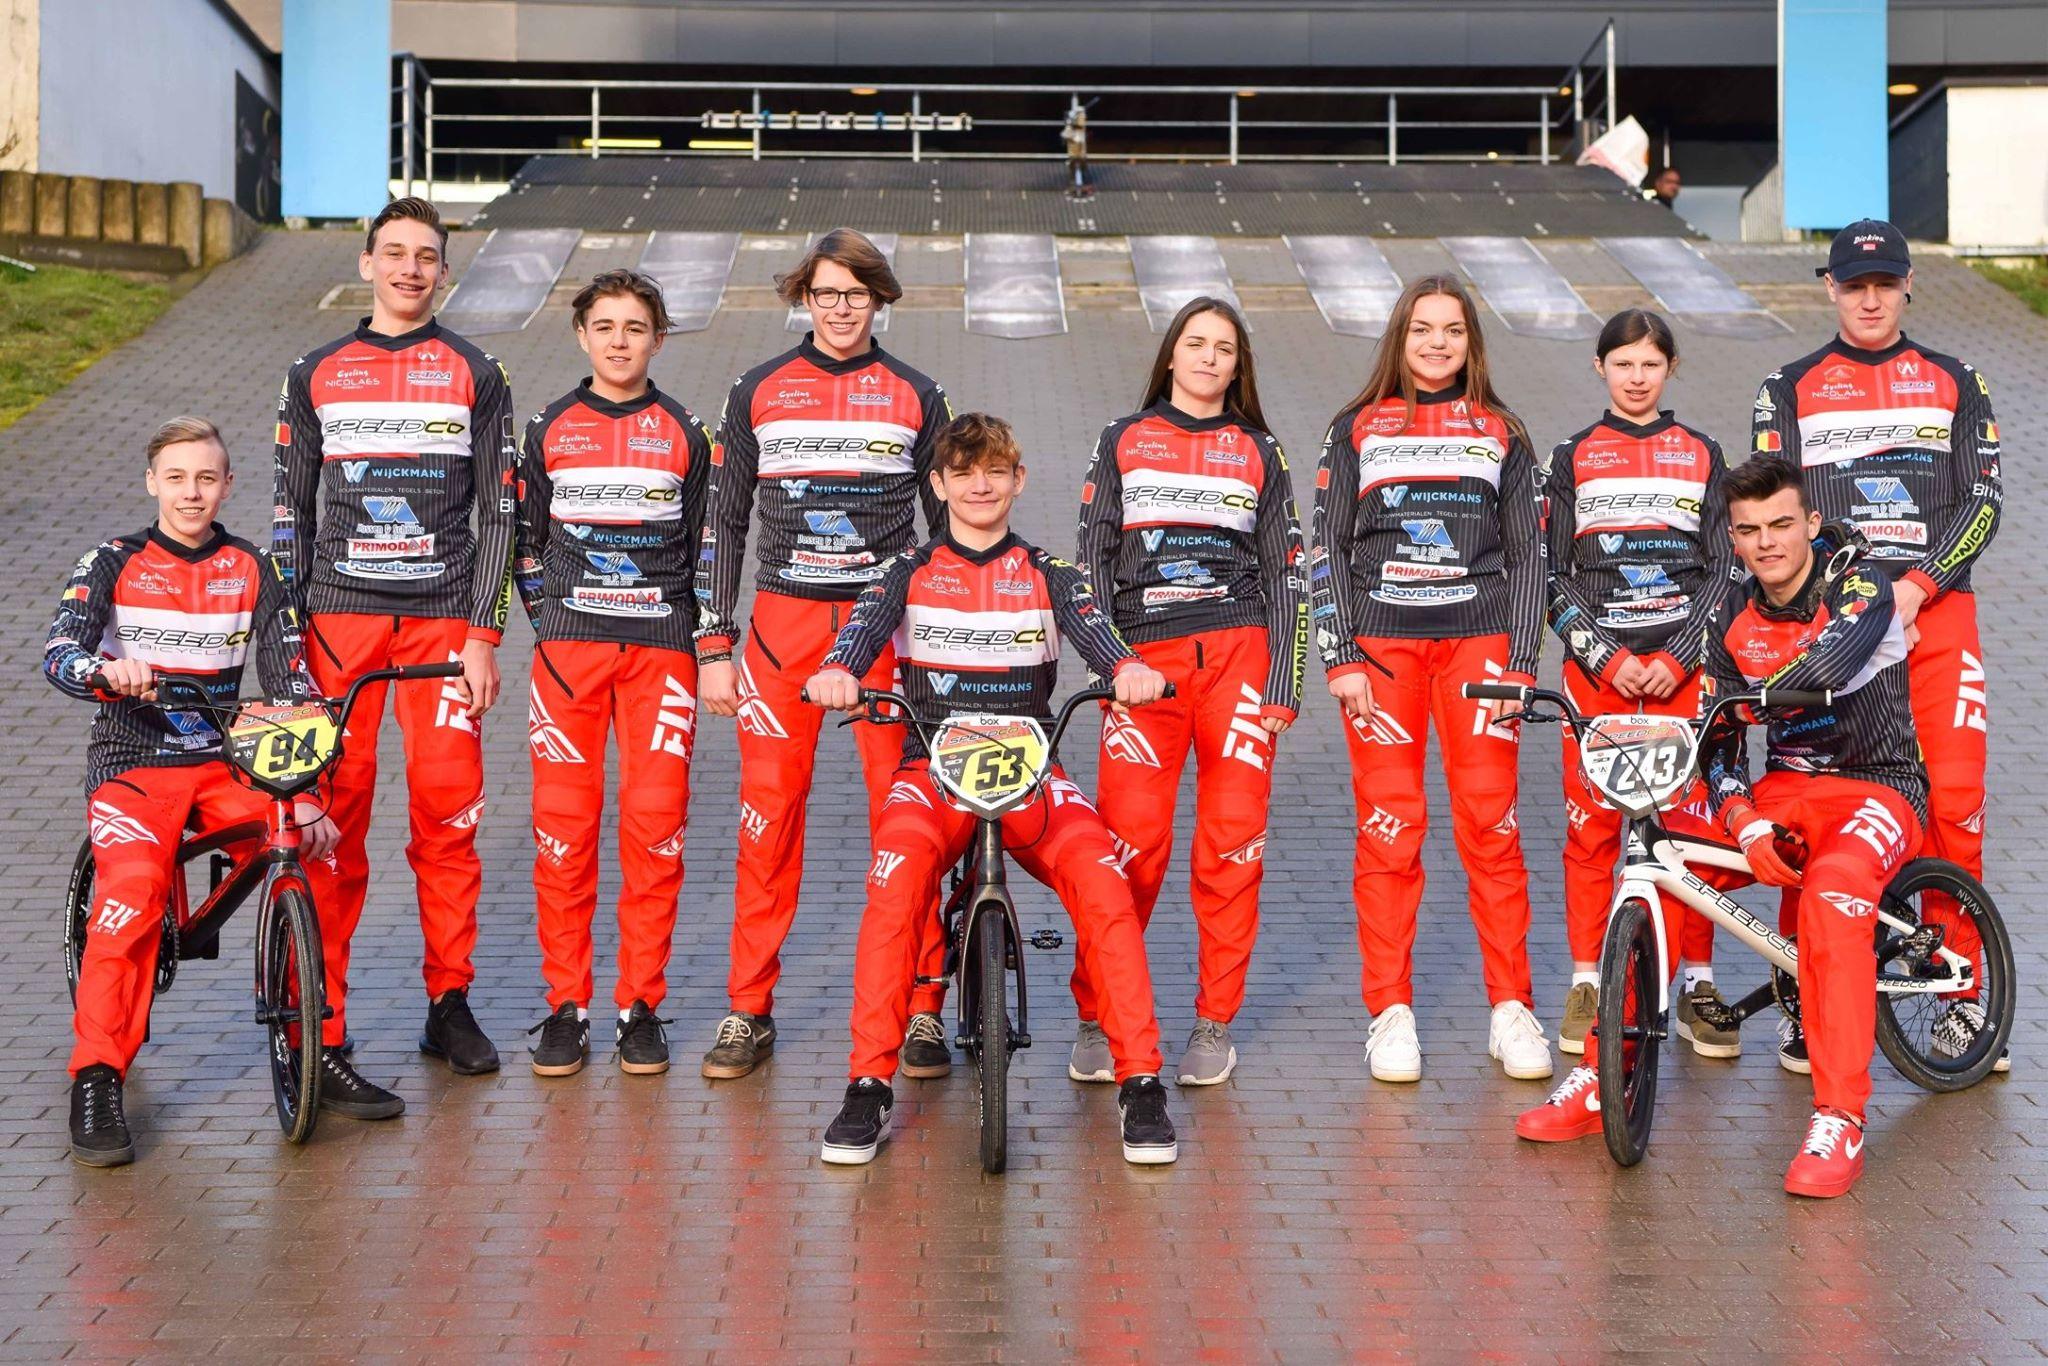 Speedco Factory Team Belgium boven de doopvont